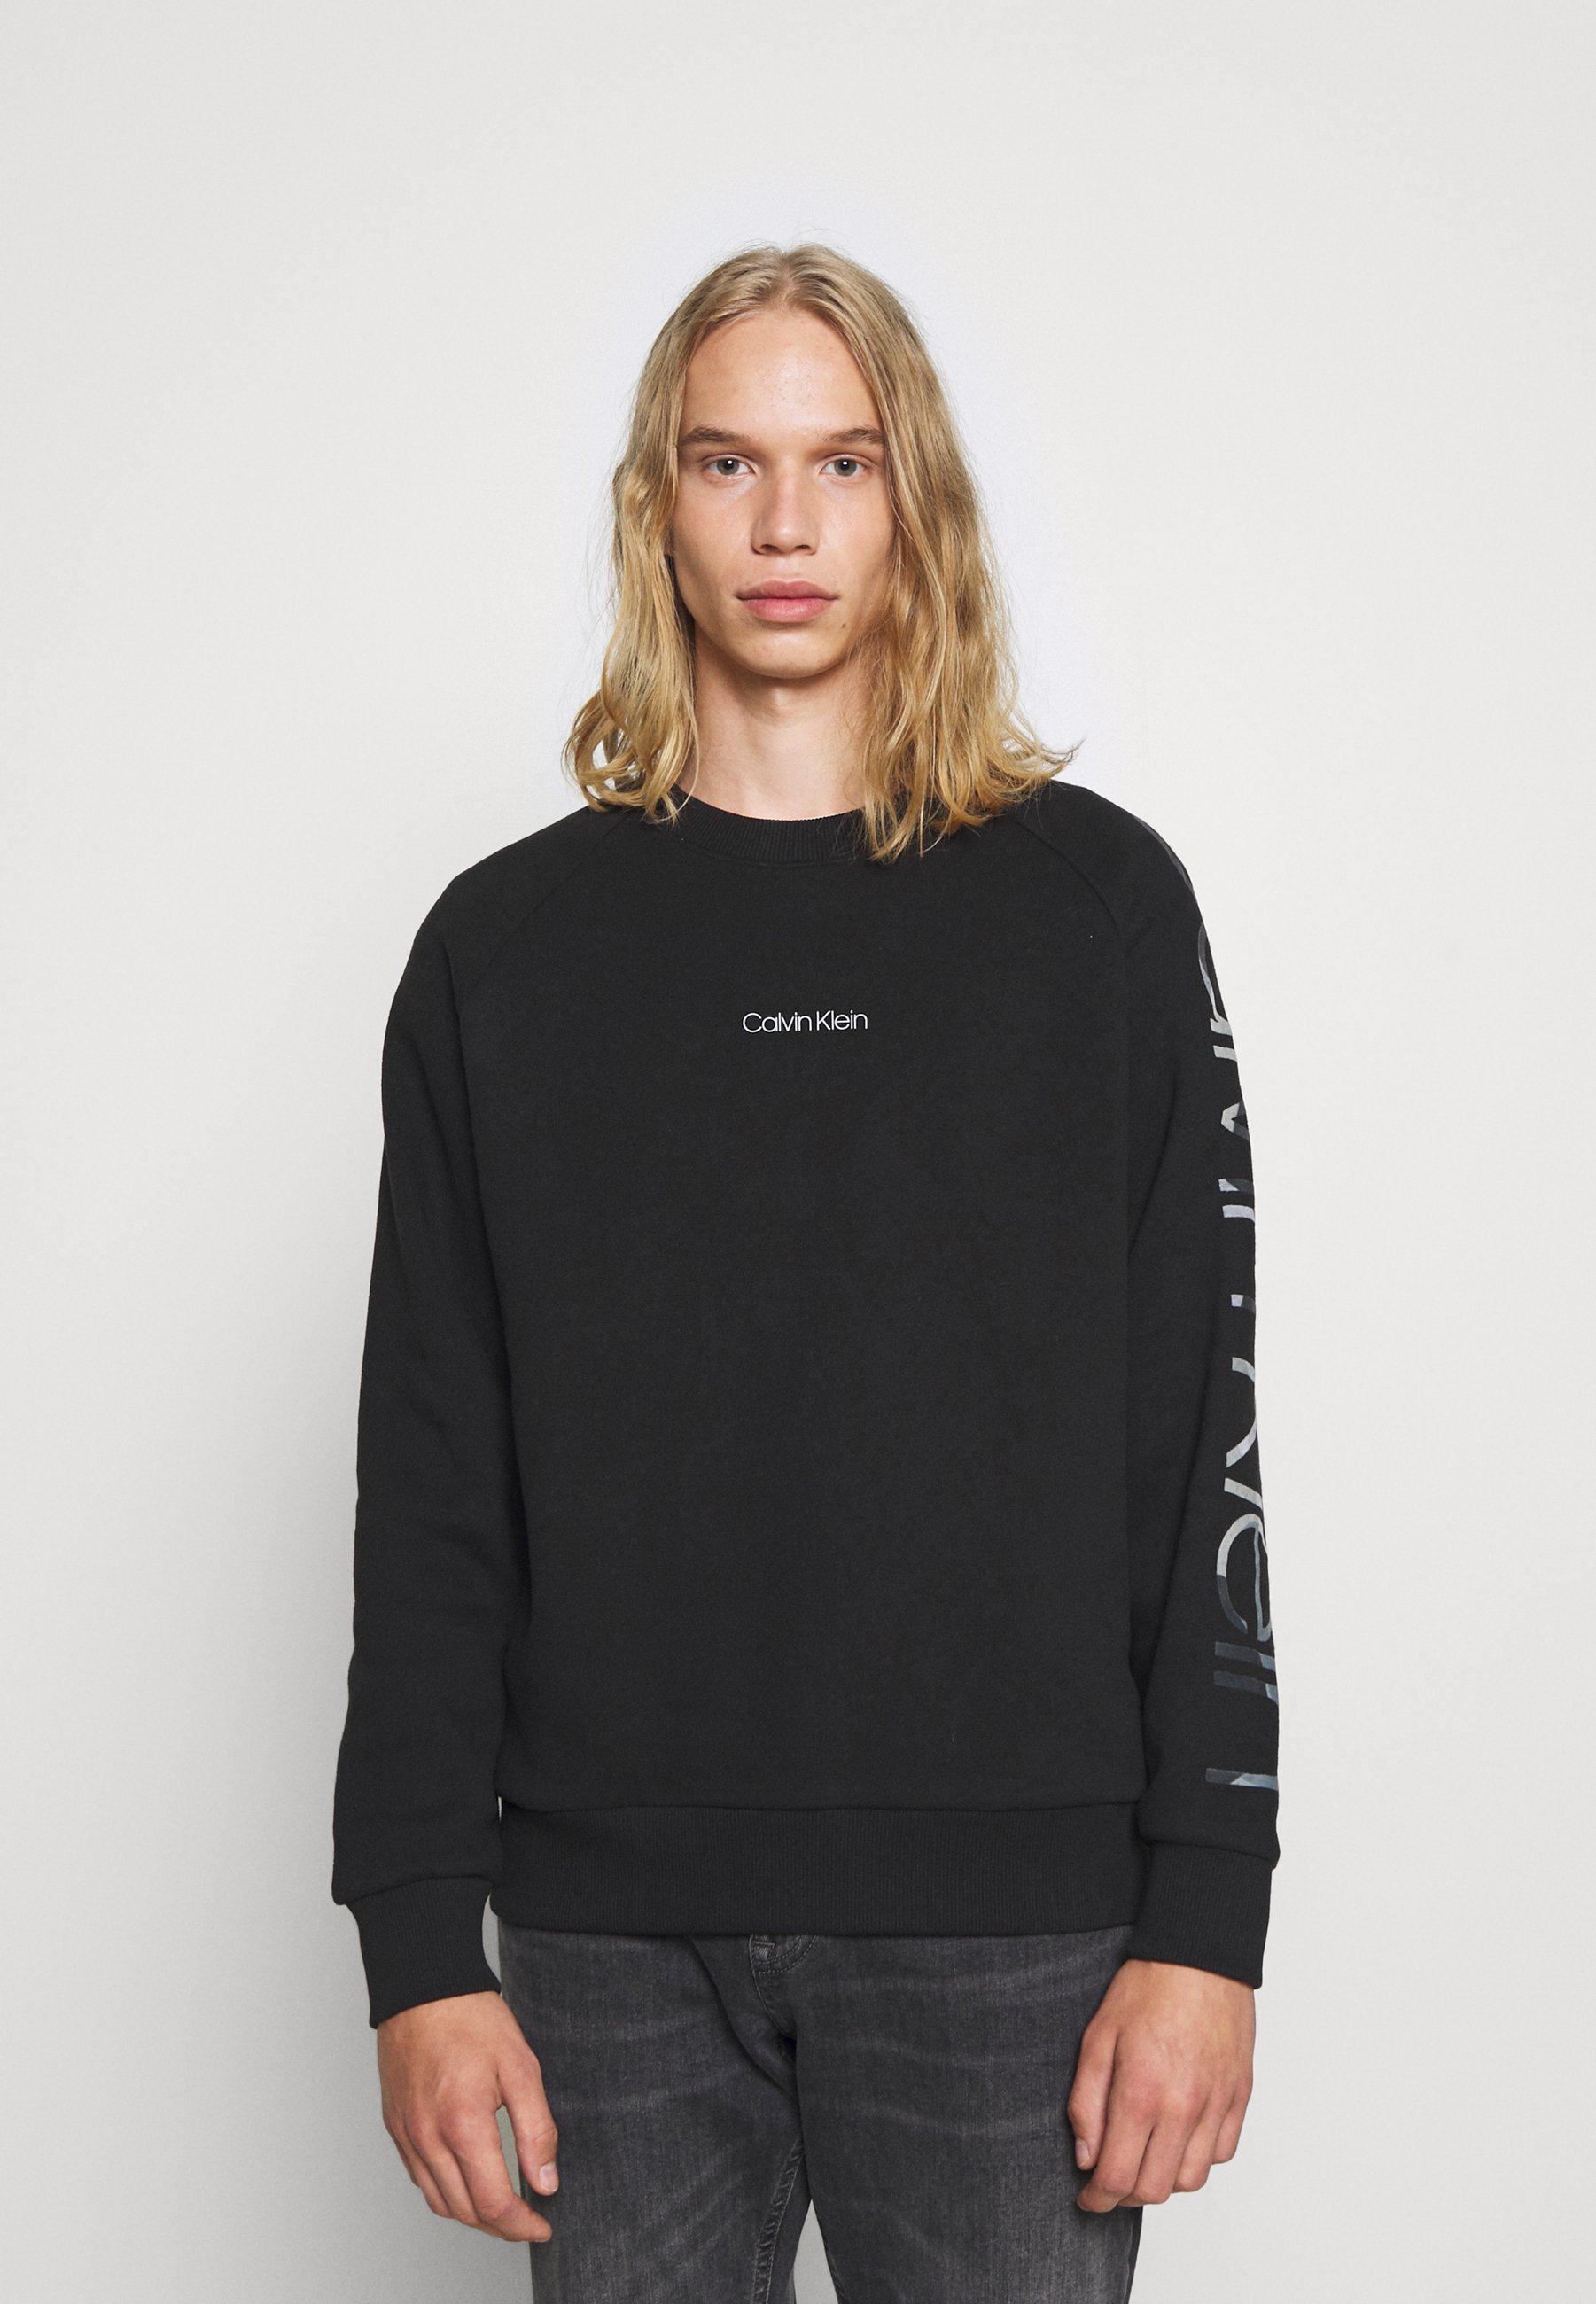 Homme CAMOUFLAGE - Sweatshirt